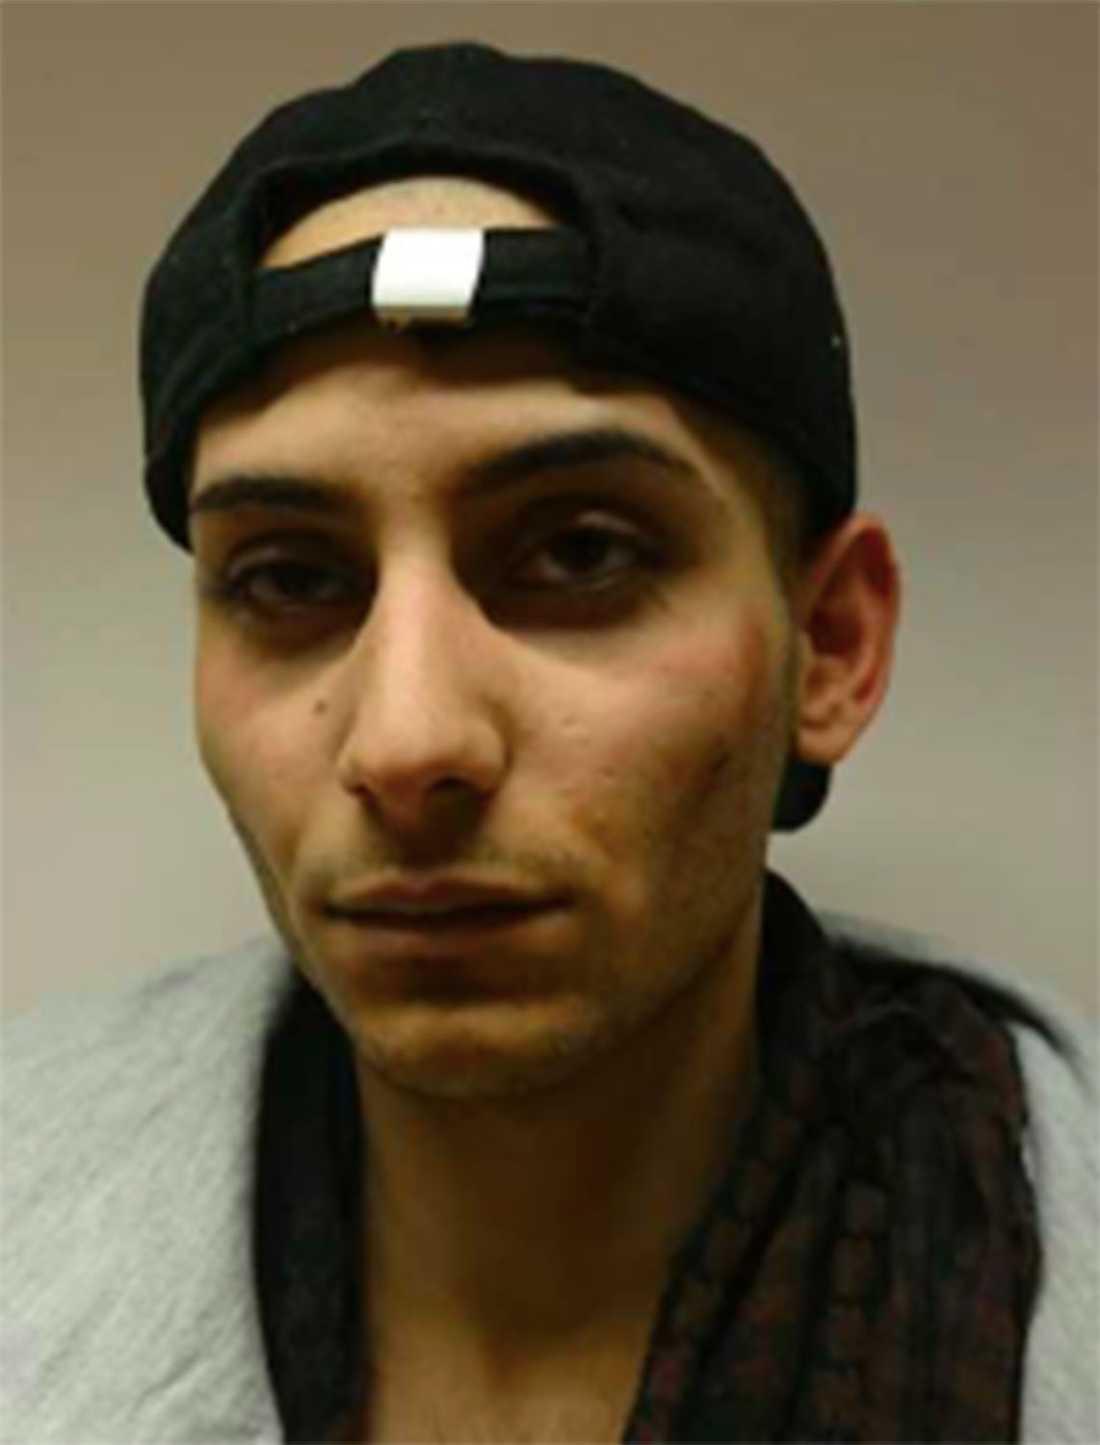 Omar Ali Abdalsalam, 24, döms till livstids fängelse och utvisning.